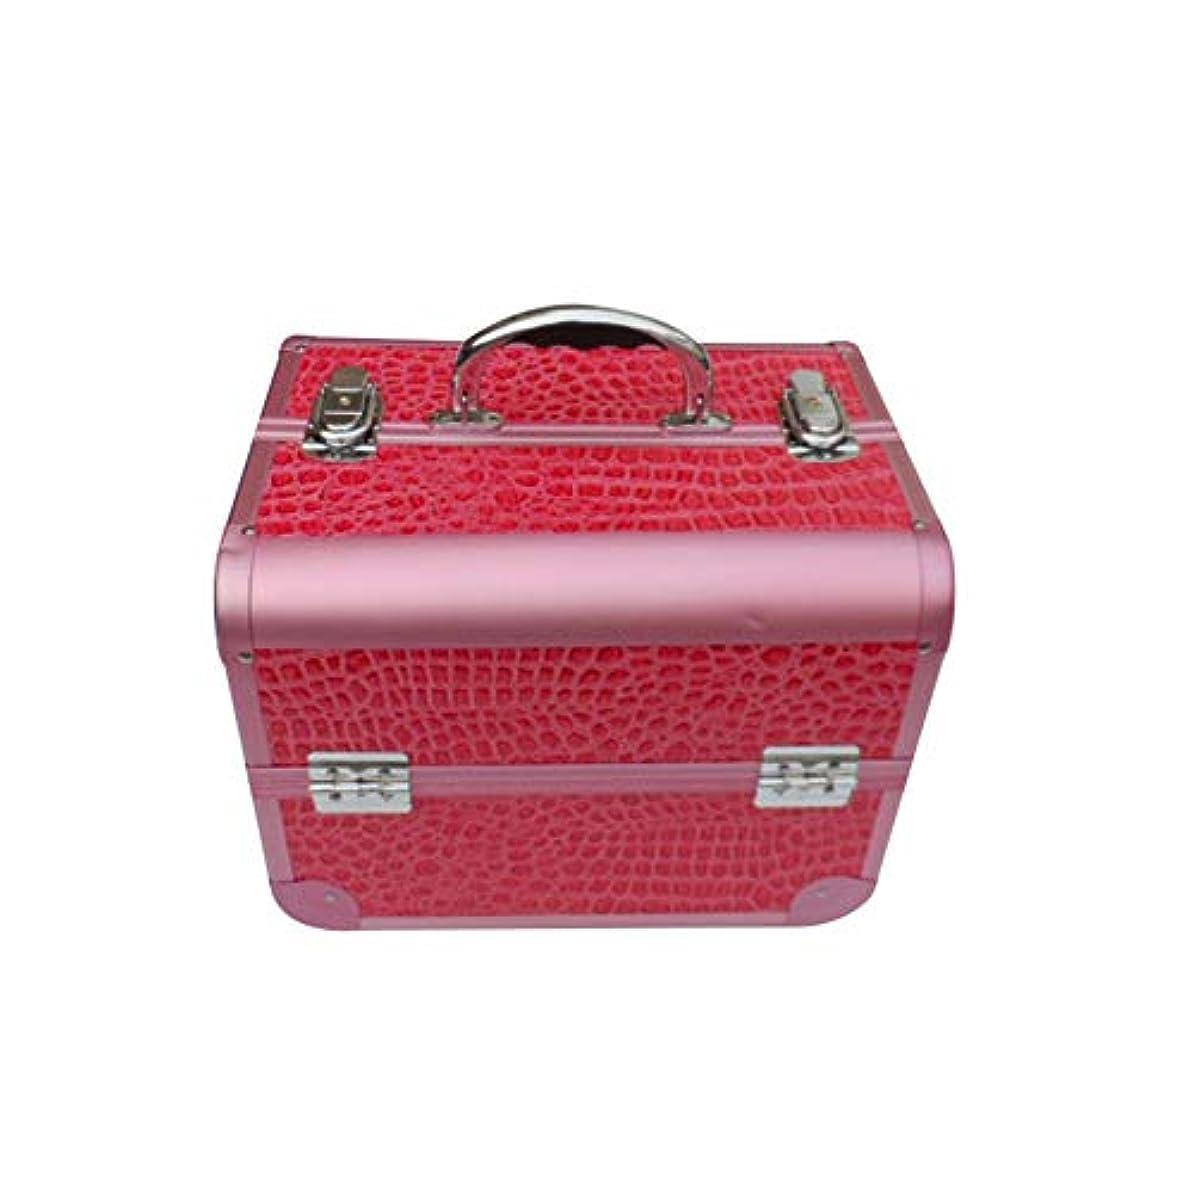 芽届ける商人化粧オーガナイザーバッグ 女の子の女性のための美容メイクアップのための大容量ポータブル化粧品ケース旅行と拡張トレイ付きロック付きデイリーストレージ 化粧品ケース